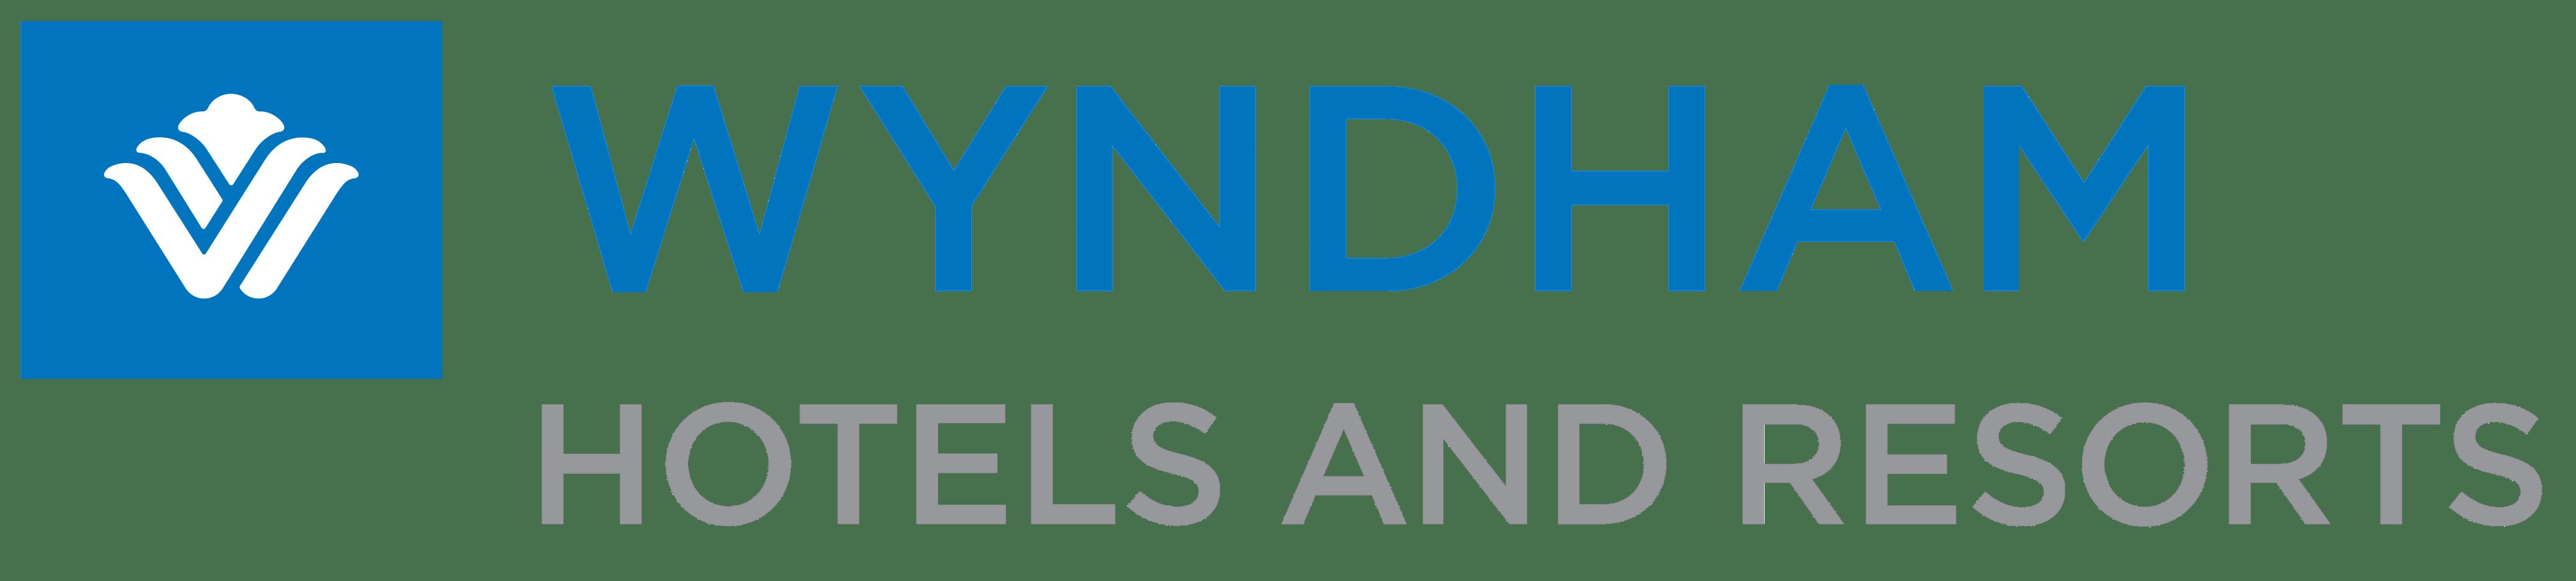 wyndham logos download